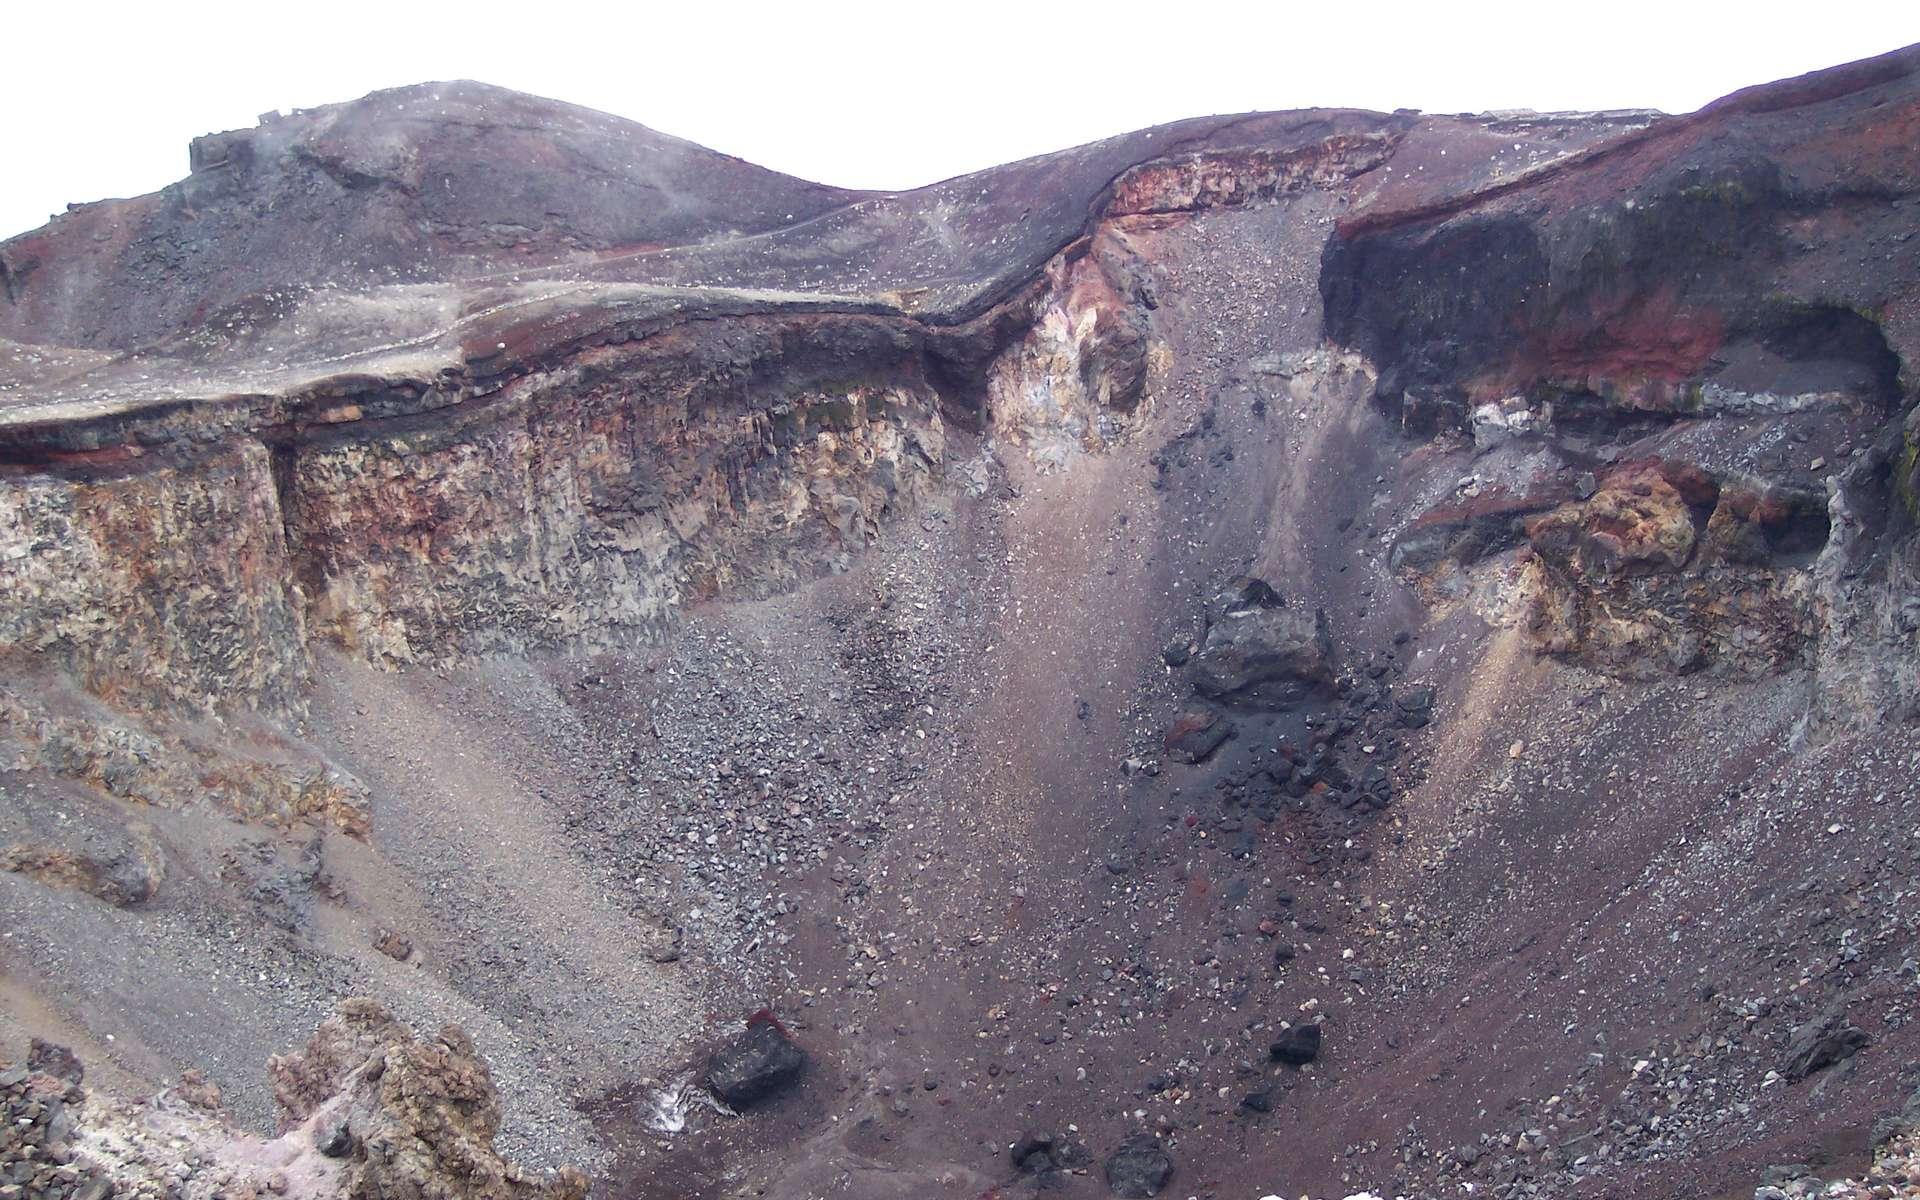 Une vue de l'intérieur du cratère principal du mont Fuji. C'est un stratovolcan toujours considéré comme actif puisque sa dernière éruption date de 1707. © Wikipédia-Nicky Pallas de Mamaroneck